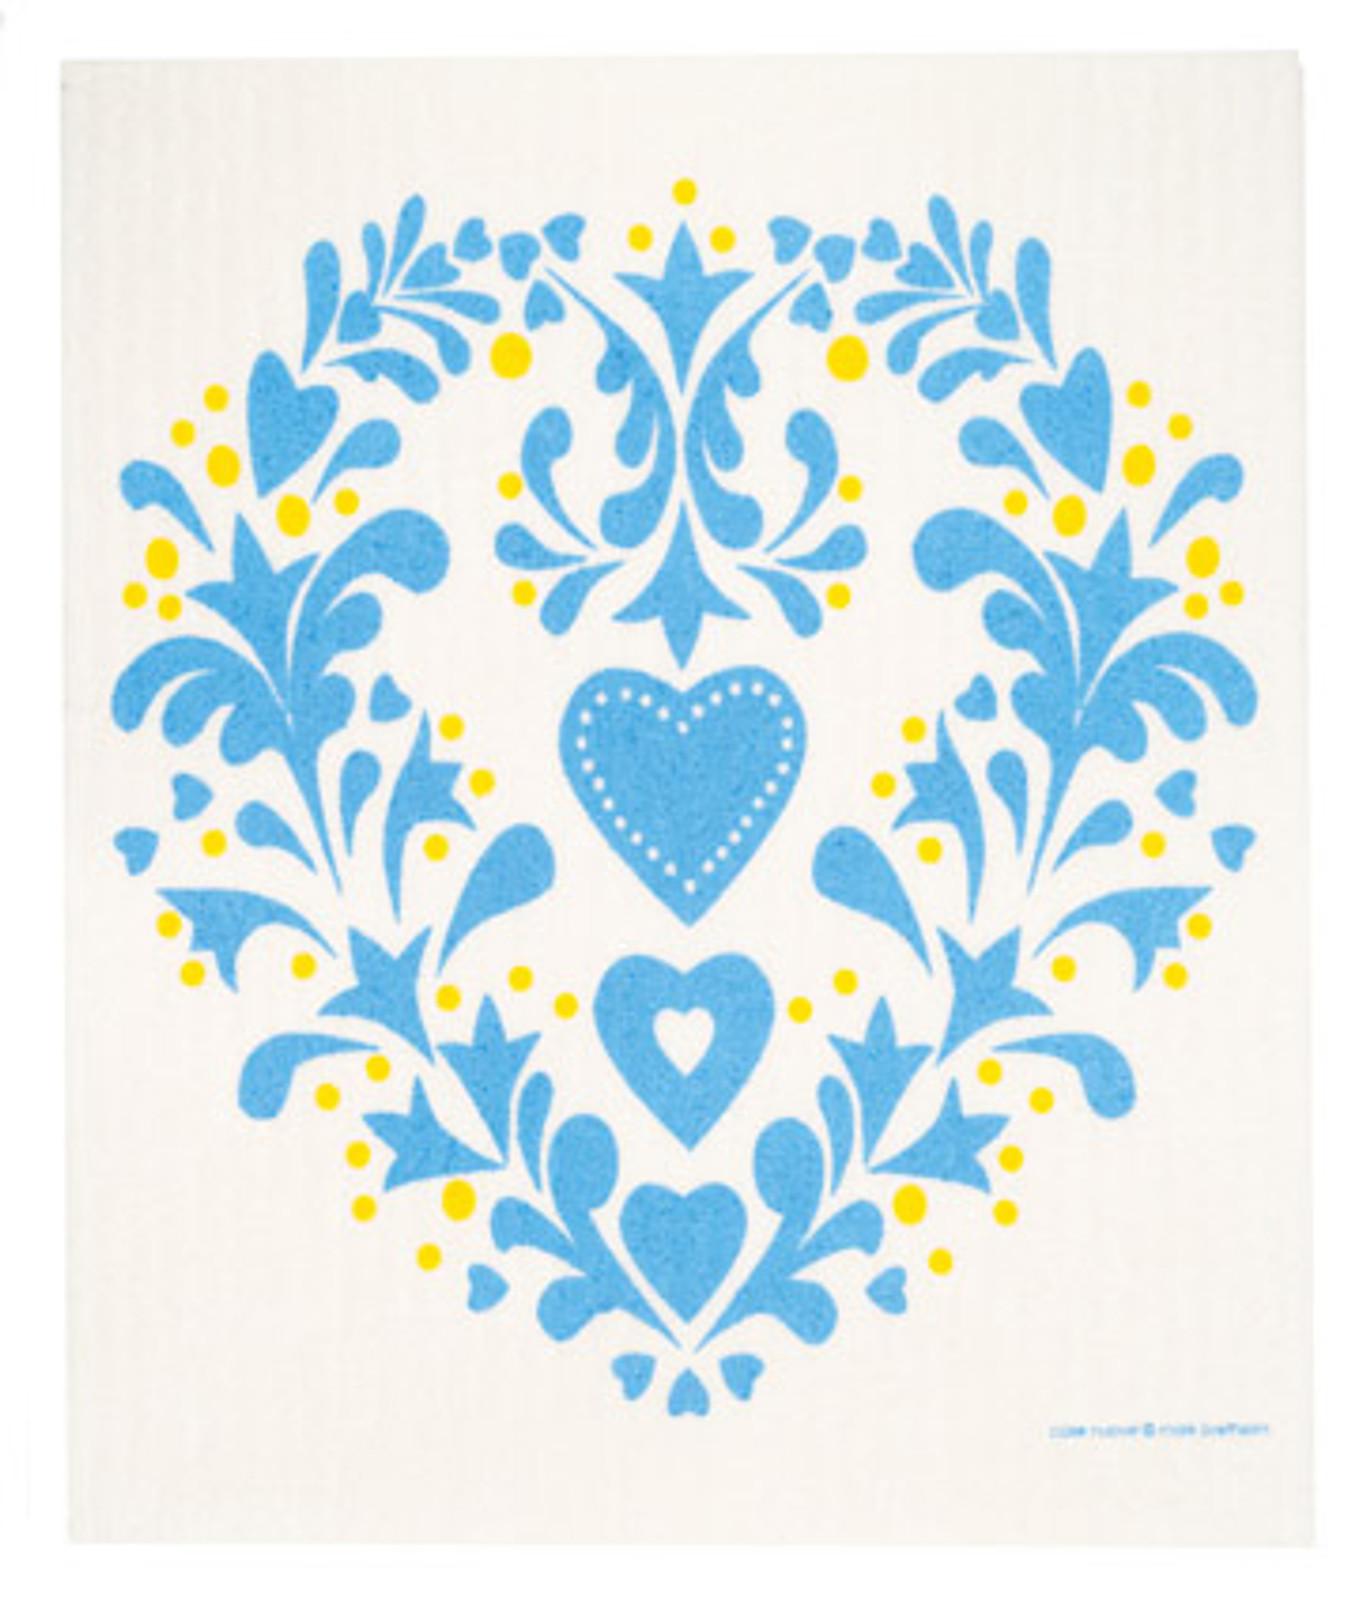 Swedish dish cloth, Blue Folk Heart design